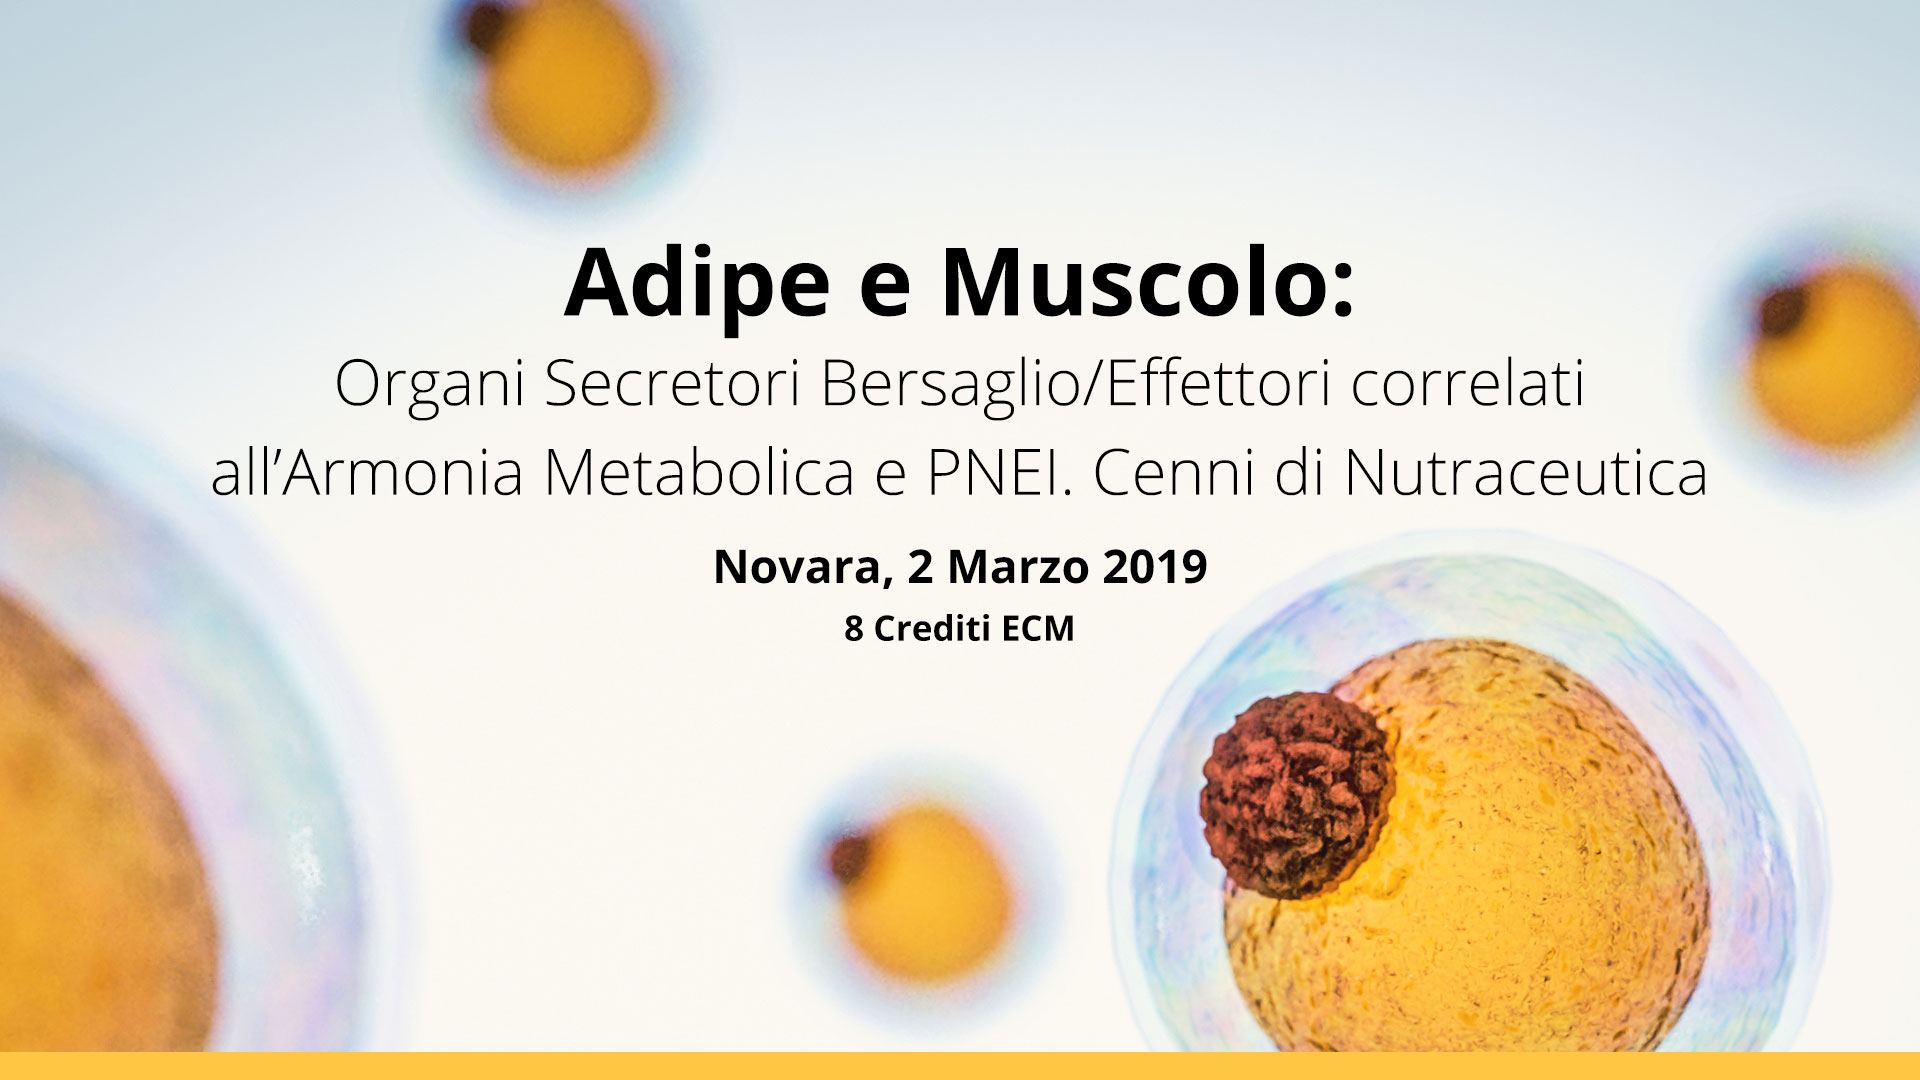 Novara, 2 Marzo 2019: Adipe e Muscolo: Organi Secretori Bersaglio/Effettori correlati all'Armonia Metabolica e PNEI